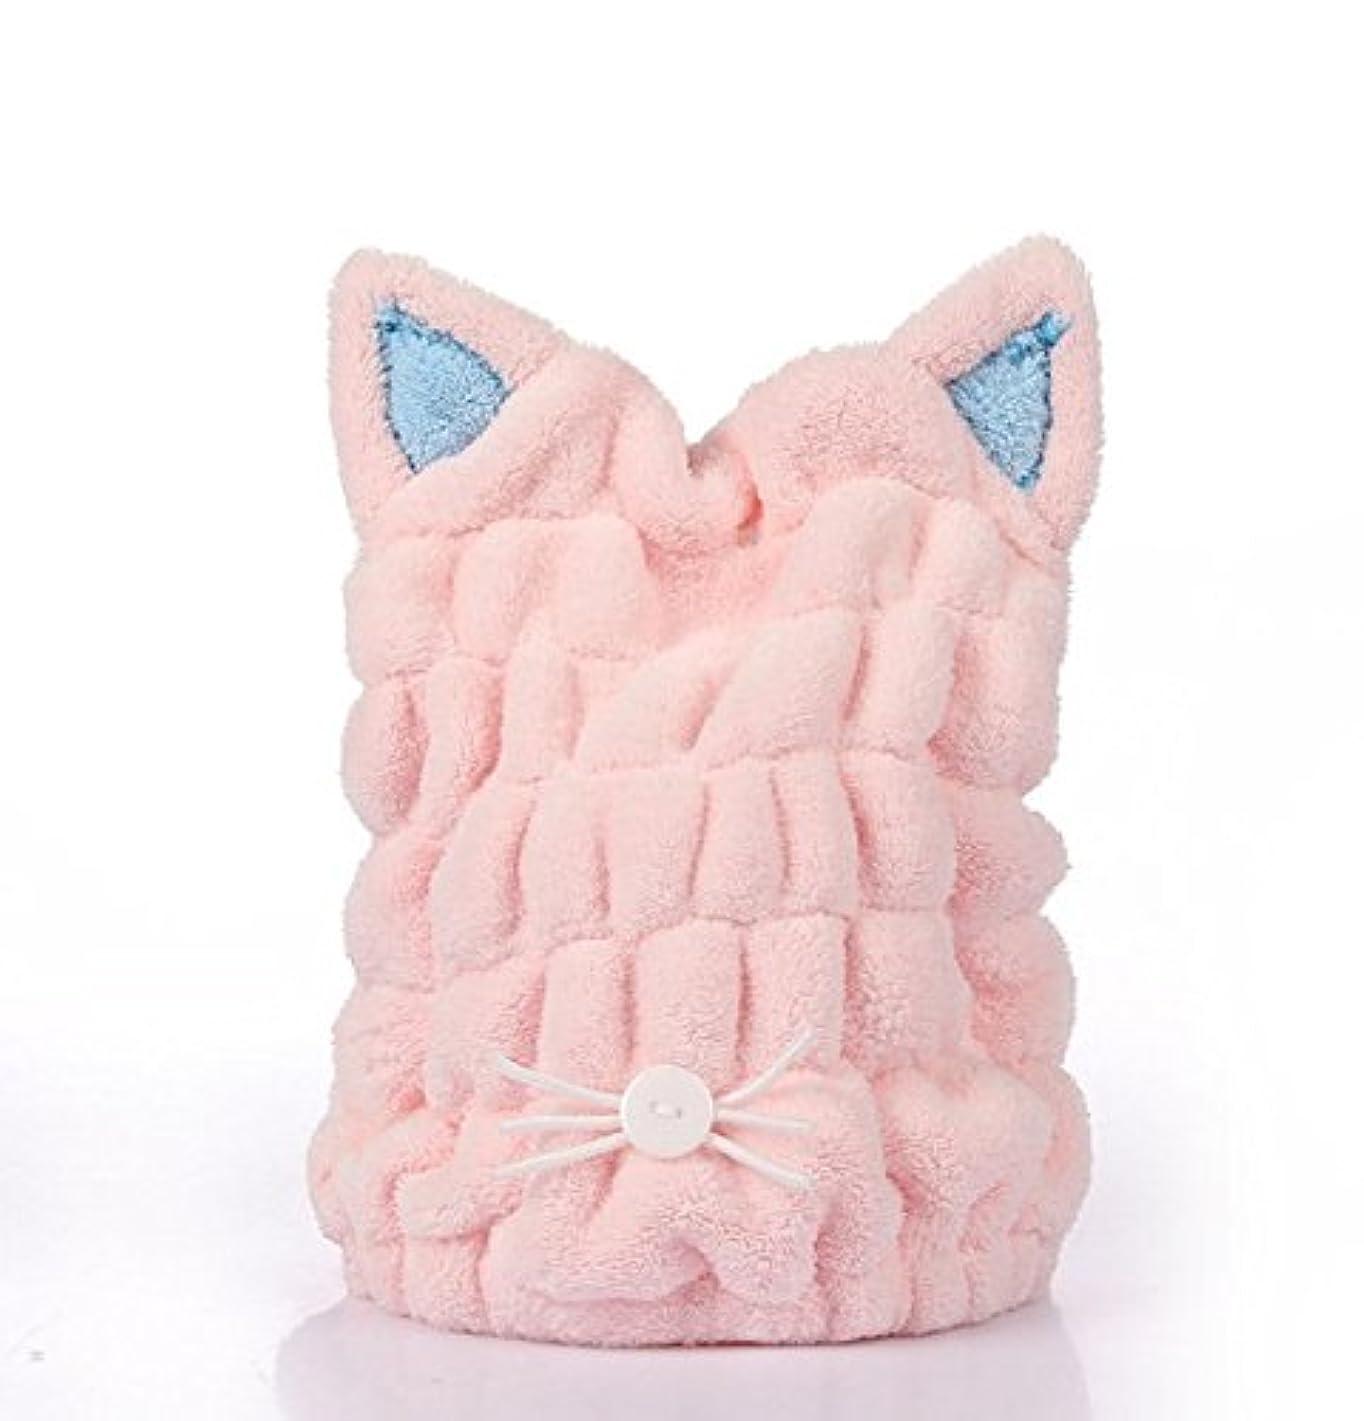 流ハグ十分ドライ キャップ シャワー キャップ ヘアドライキャップ キッズ ふんわりうさぎ 髪吸水タオル 2色選べる 1コ入 Homefunny (ピンク)